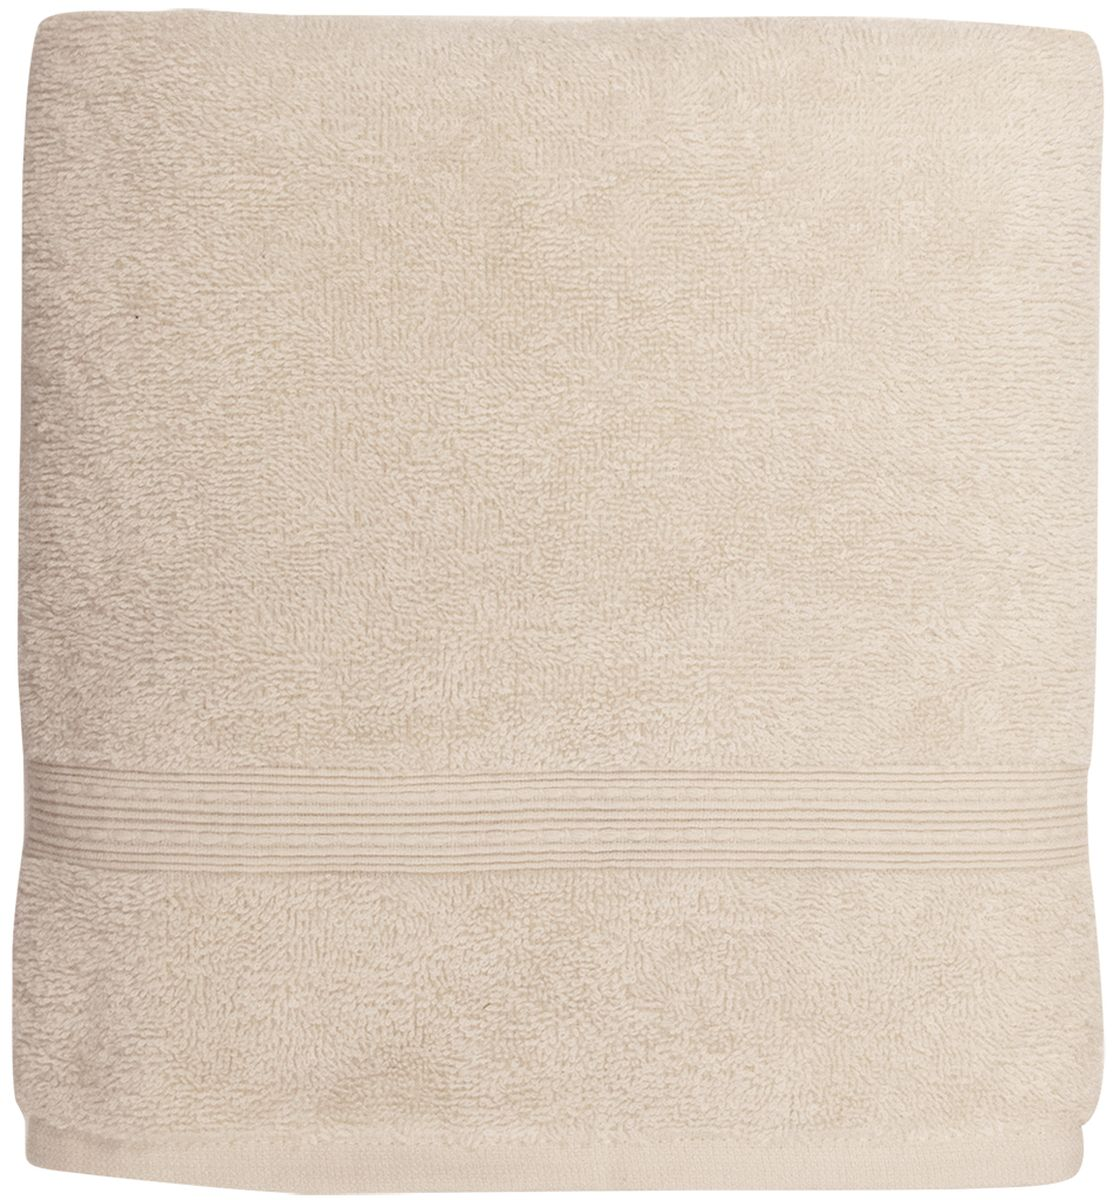 Полотенце банное Bonita Classic, цвет: кремовый, 50 x 90 см1011217215Банное полотенце Bonita Classic выполнено из 100% хлопка. Изделие отлично впитывает влагу, быстро сохнет, сохраняет яркость цвета и нетеряет форму даже после многократных стирок.Такое полотенце очень практично и неприхотливо в уходе. Оно создаст прекрасное настроение и украсит интерьер вванной комнате.